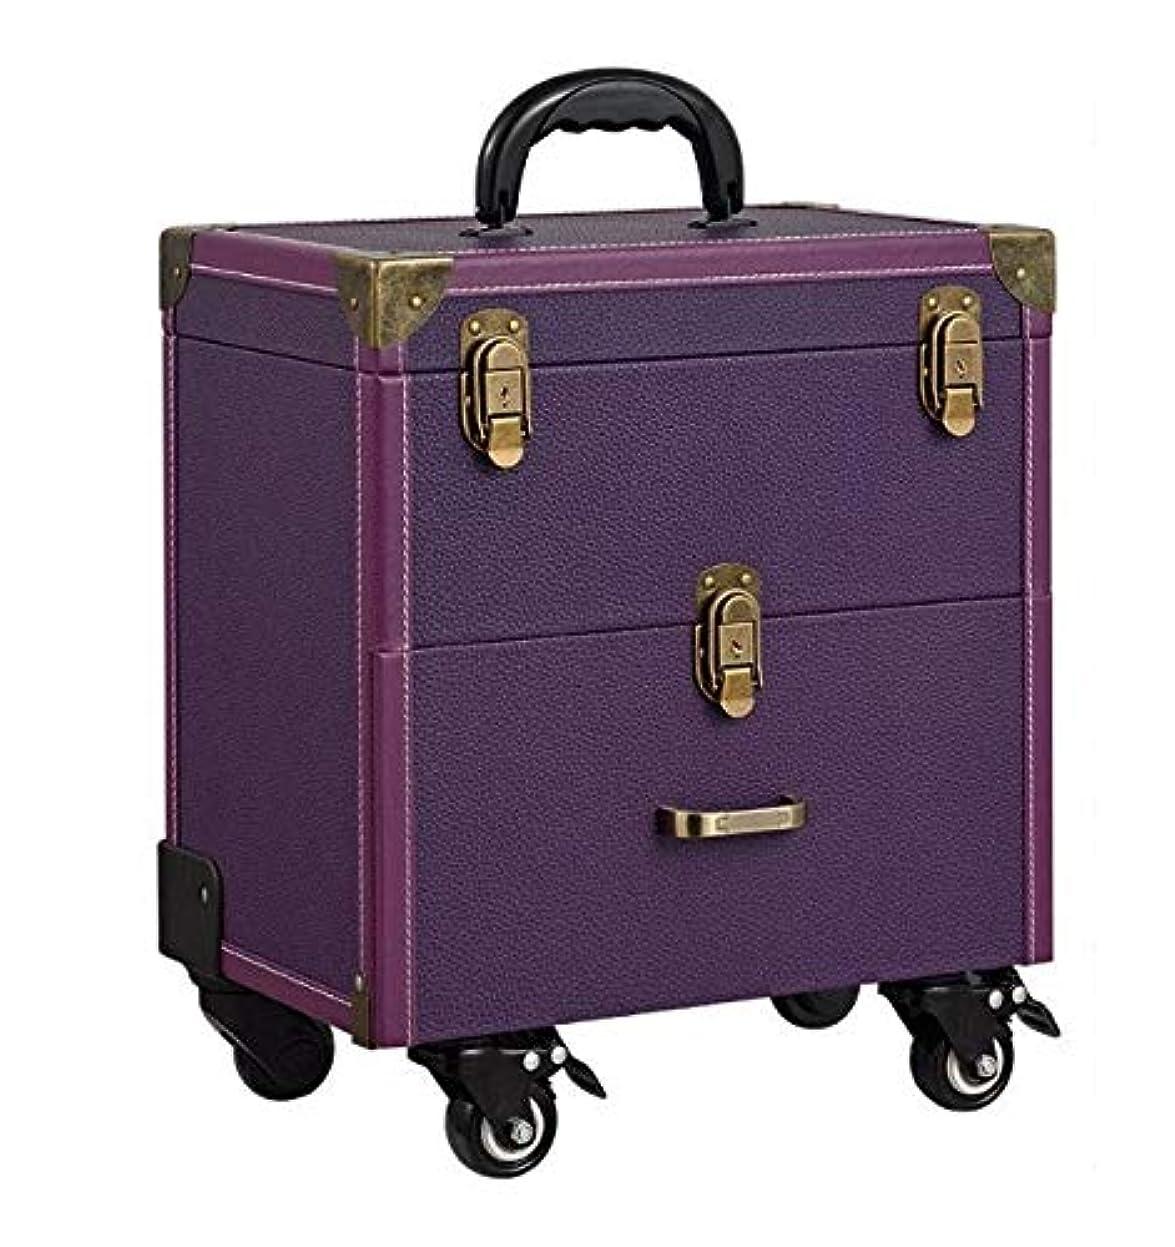 スローガンすり減る合金化粧箱、大容量二層トロリー化粧品ケース、ポータブル旅行化粧品バッグ収納袋、美容化粧ネイルジュエリー収納ボックス (Color : Purple)